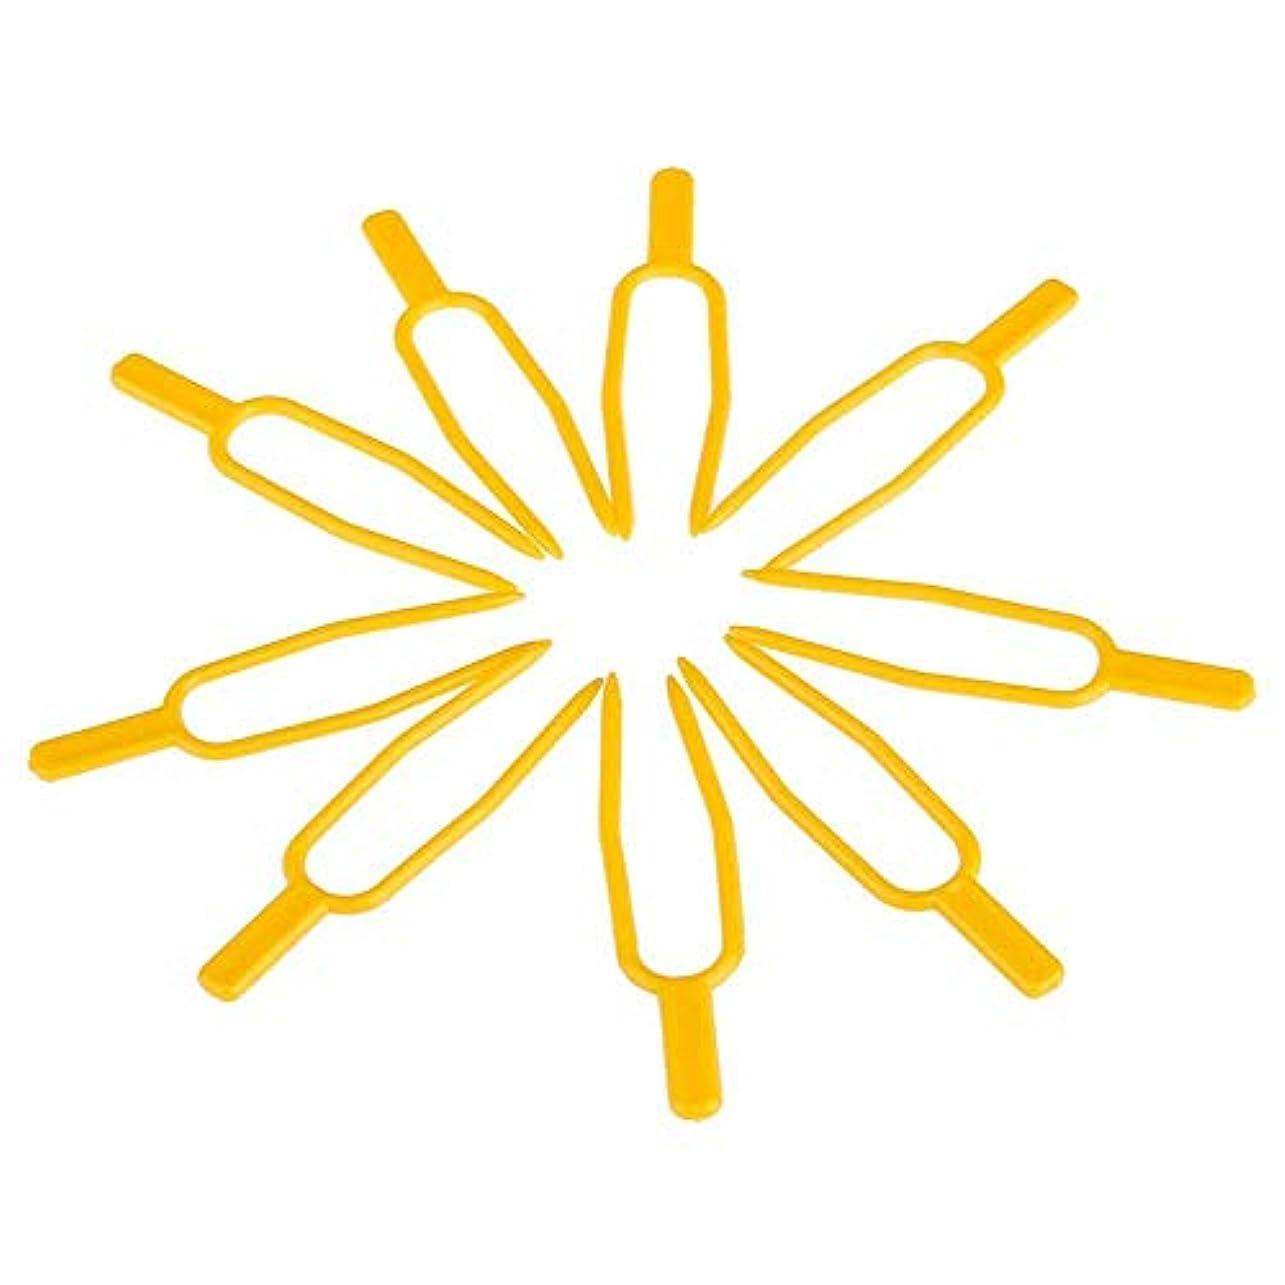 困惑安らぎクラブchaselpod プラントクリップ イチゴフォーク 固定フォーク ガーデンツール DIY 工具 園芸用便利クリップ 100個入りセット